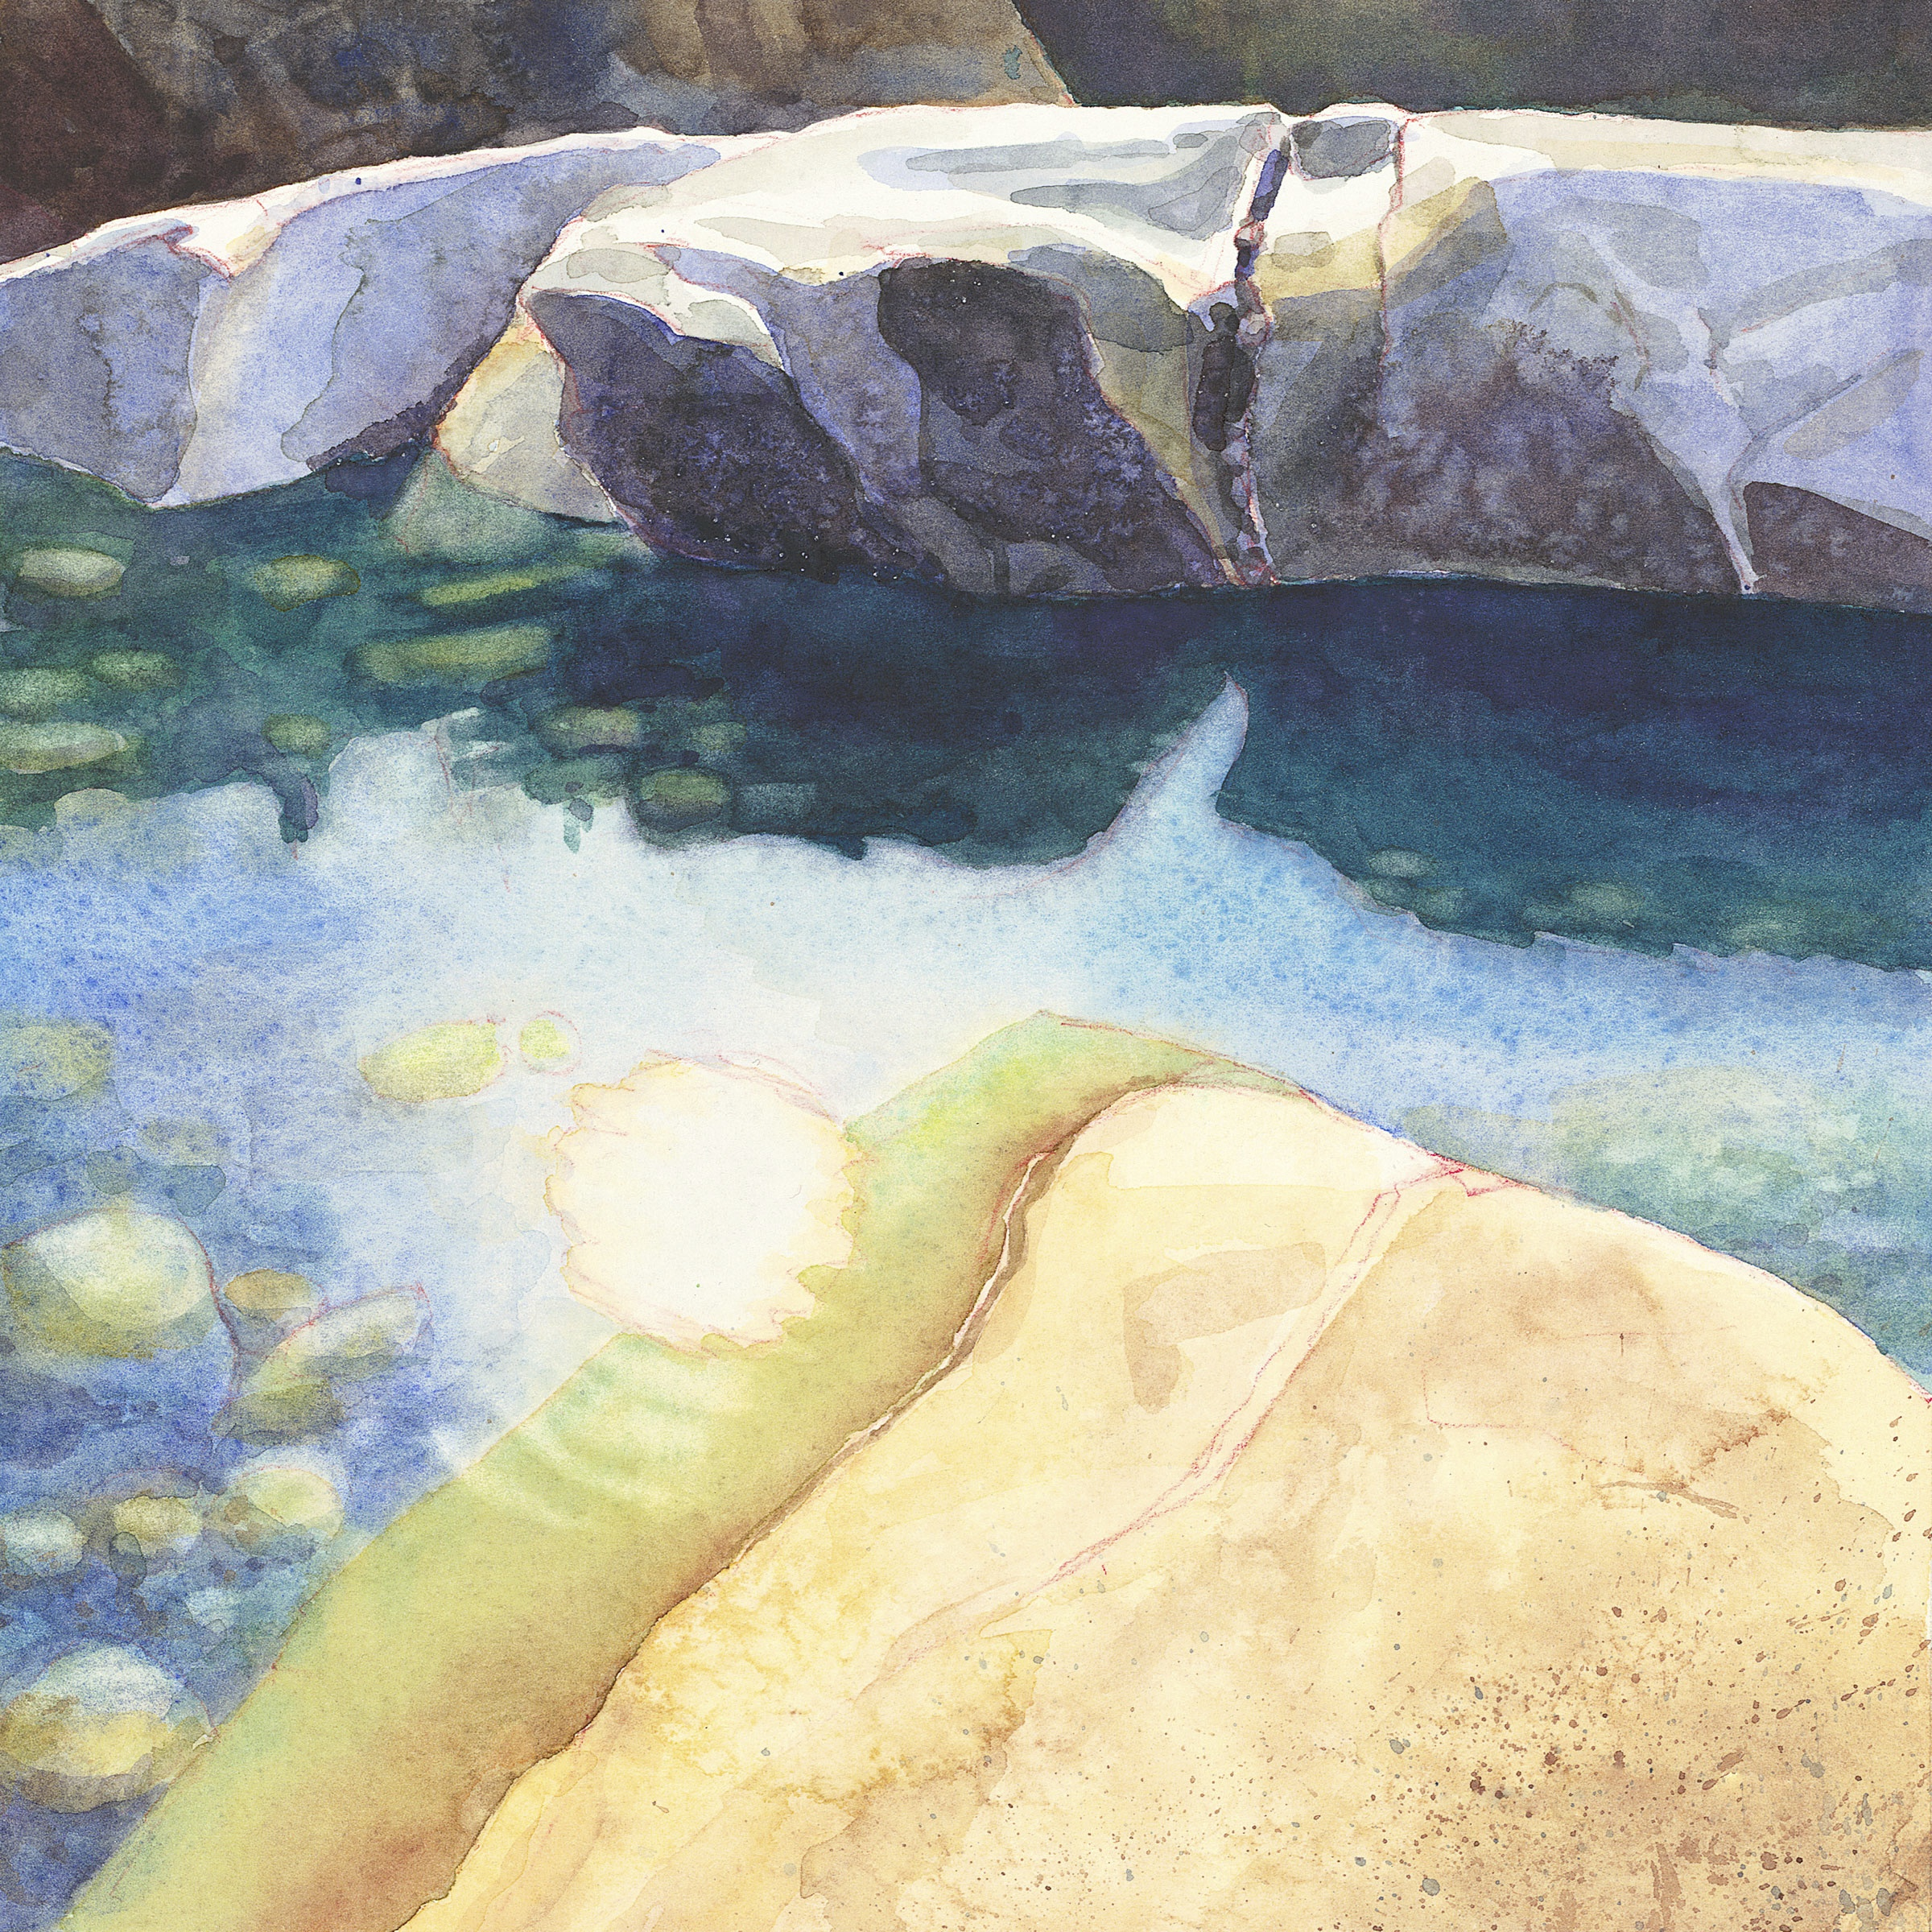 Yuba River in Winter  archival print  14 x 14 image  $100